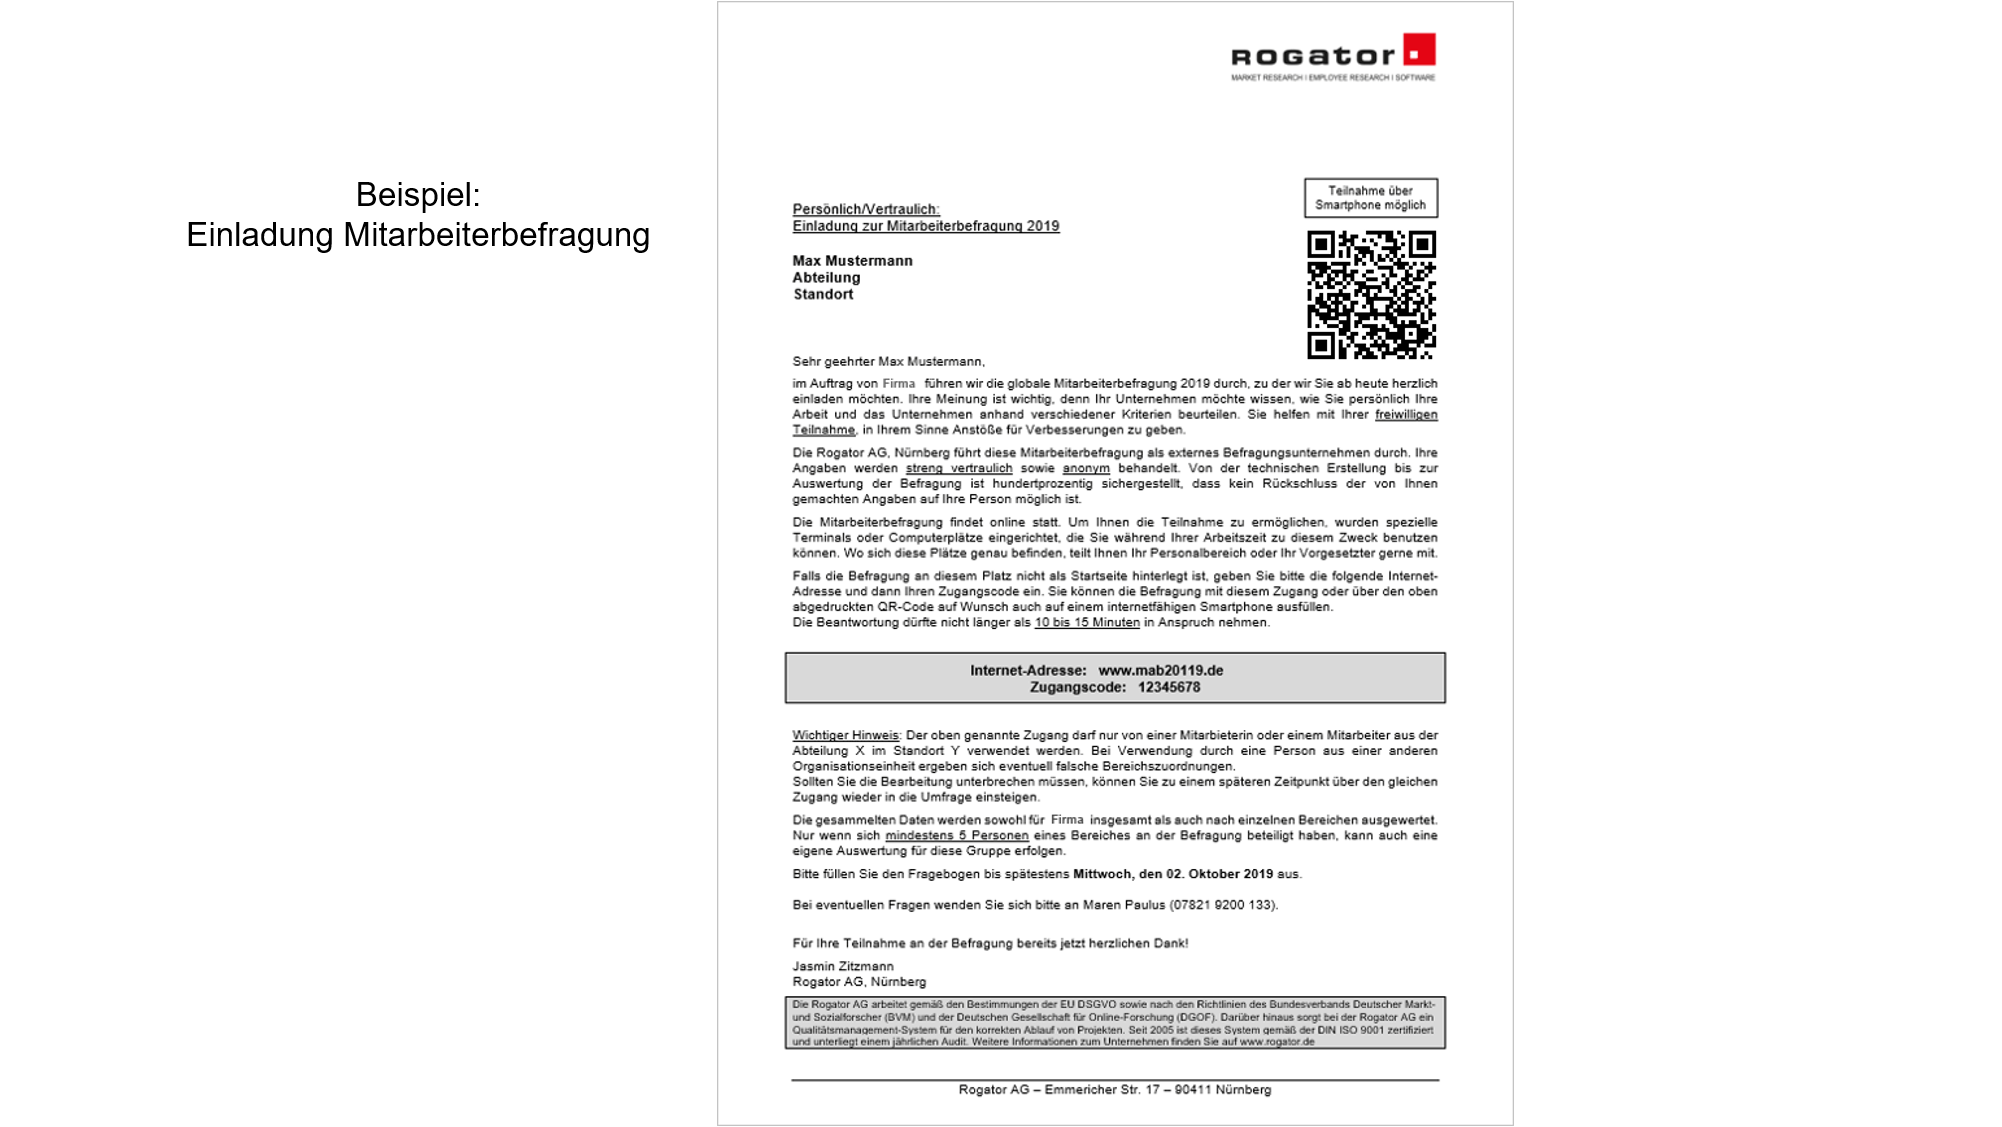 MAB Industrie_Beispiel Einladung MAB